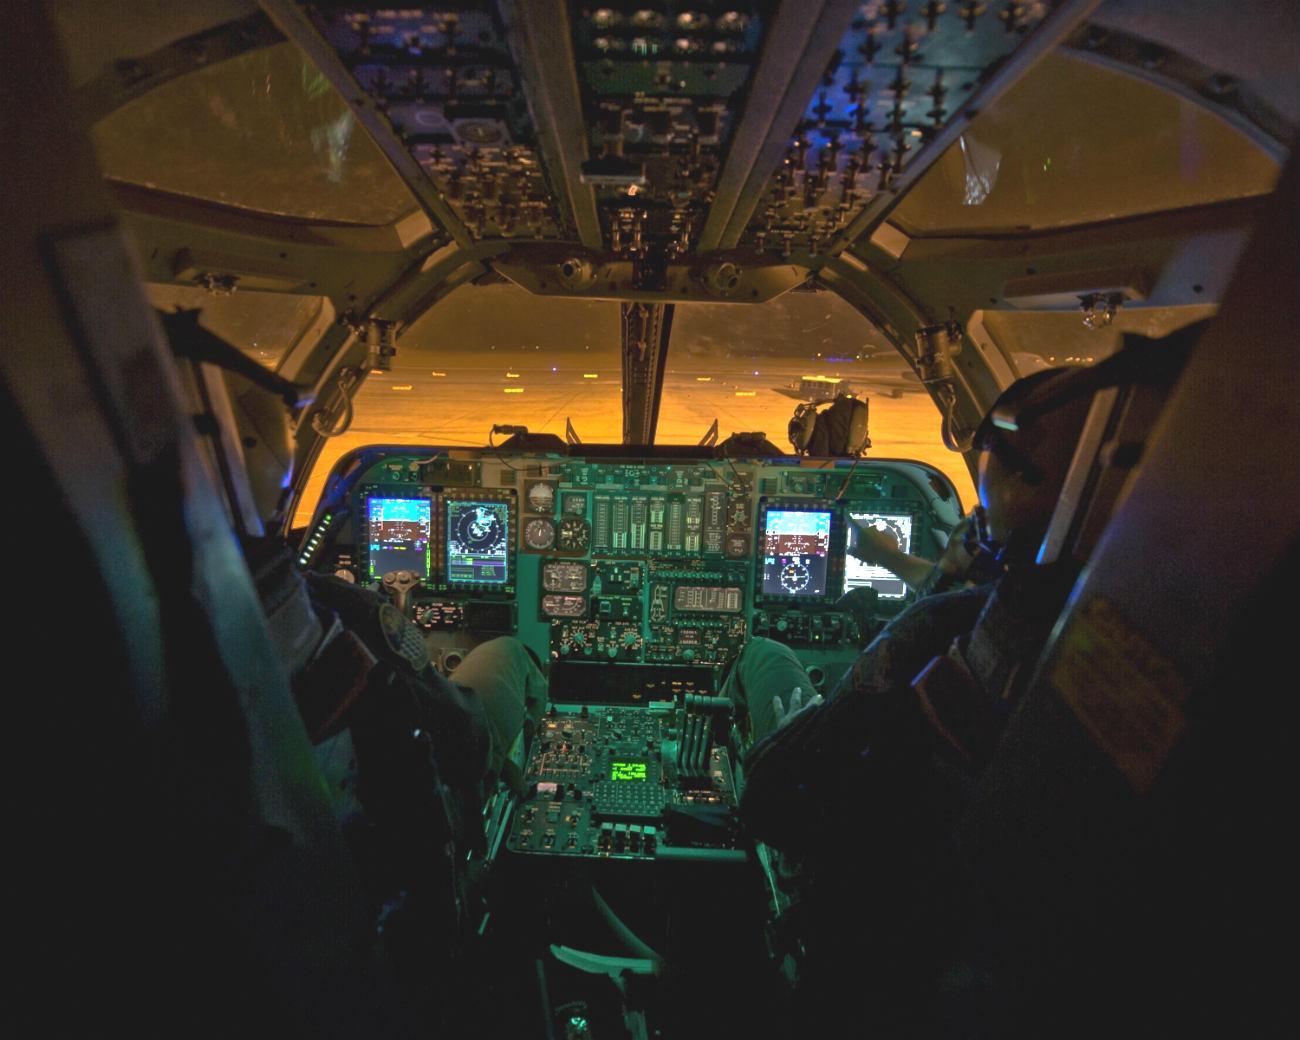 B-1b images Lancer Cockpit